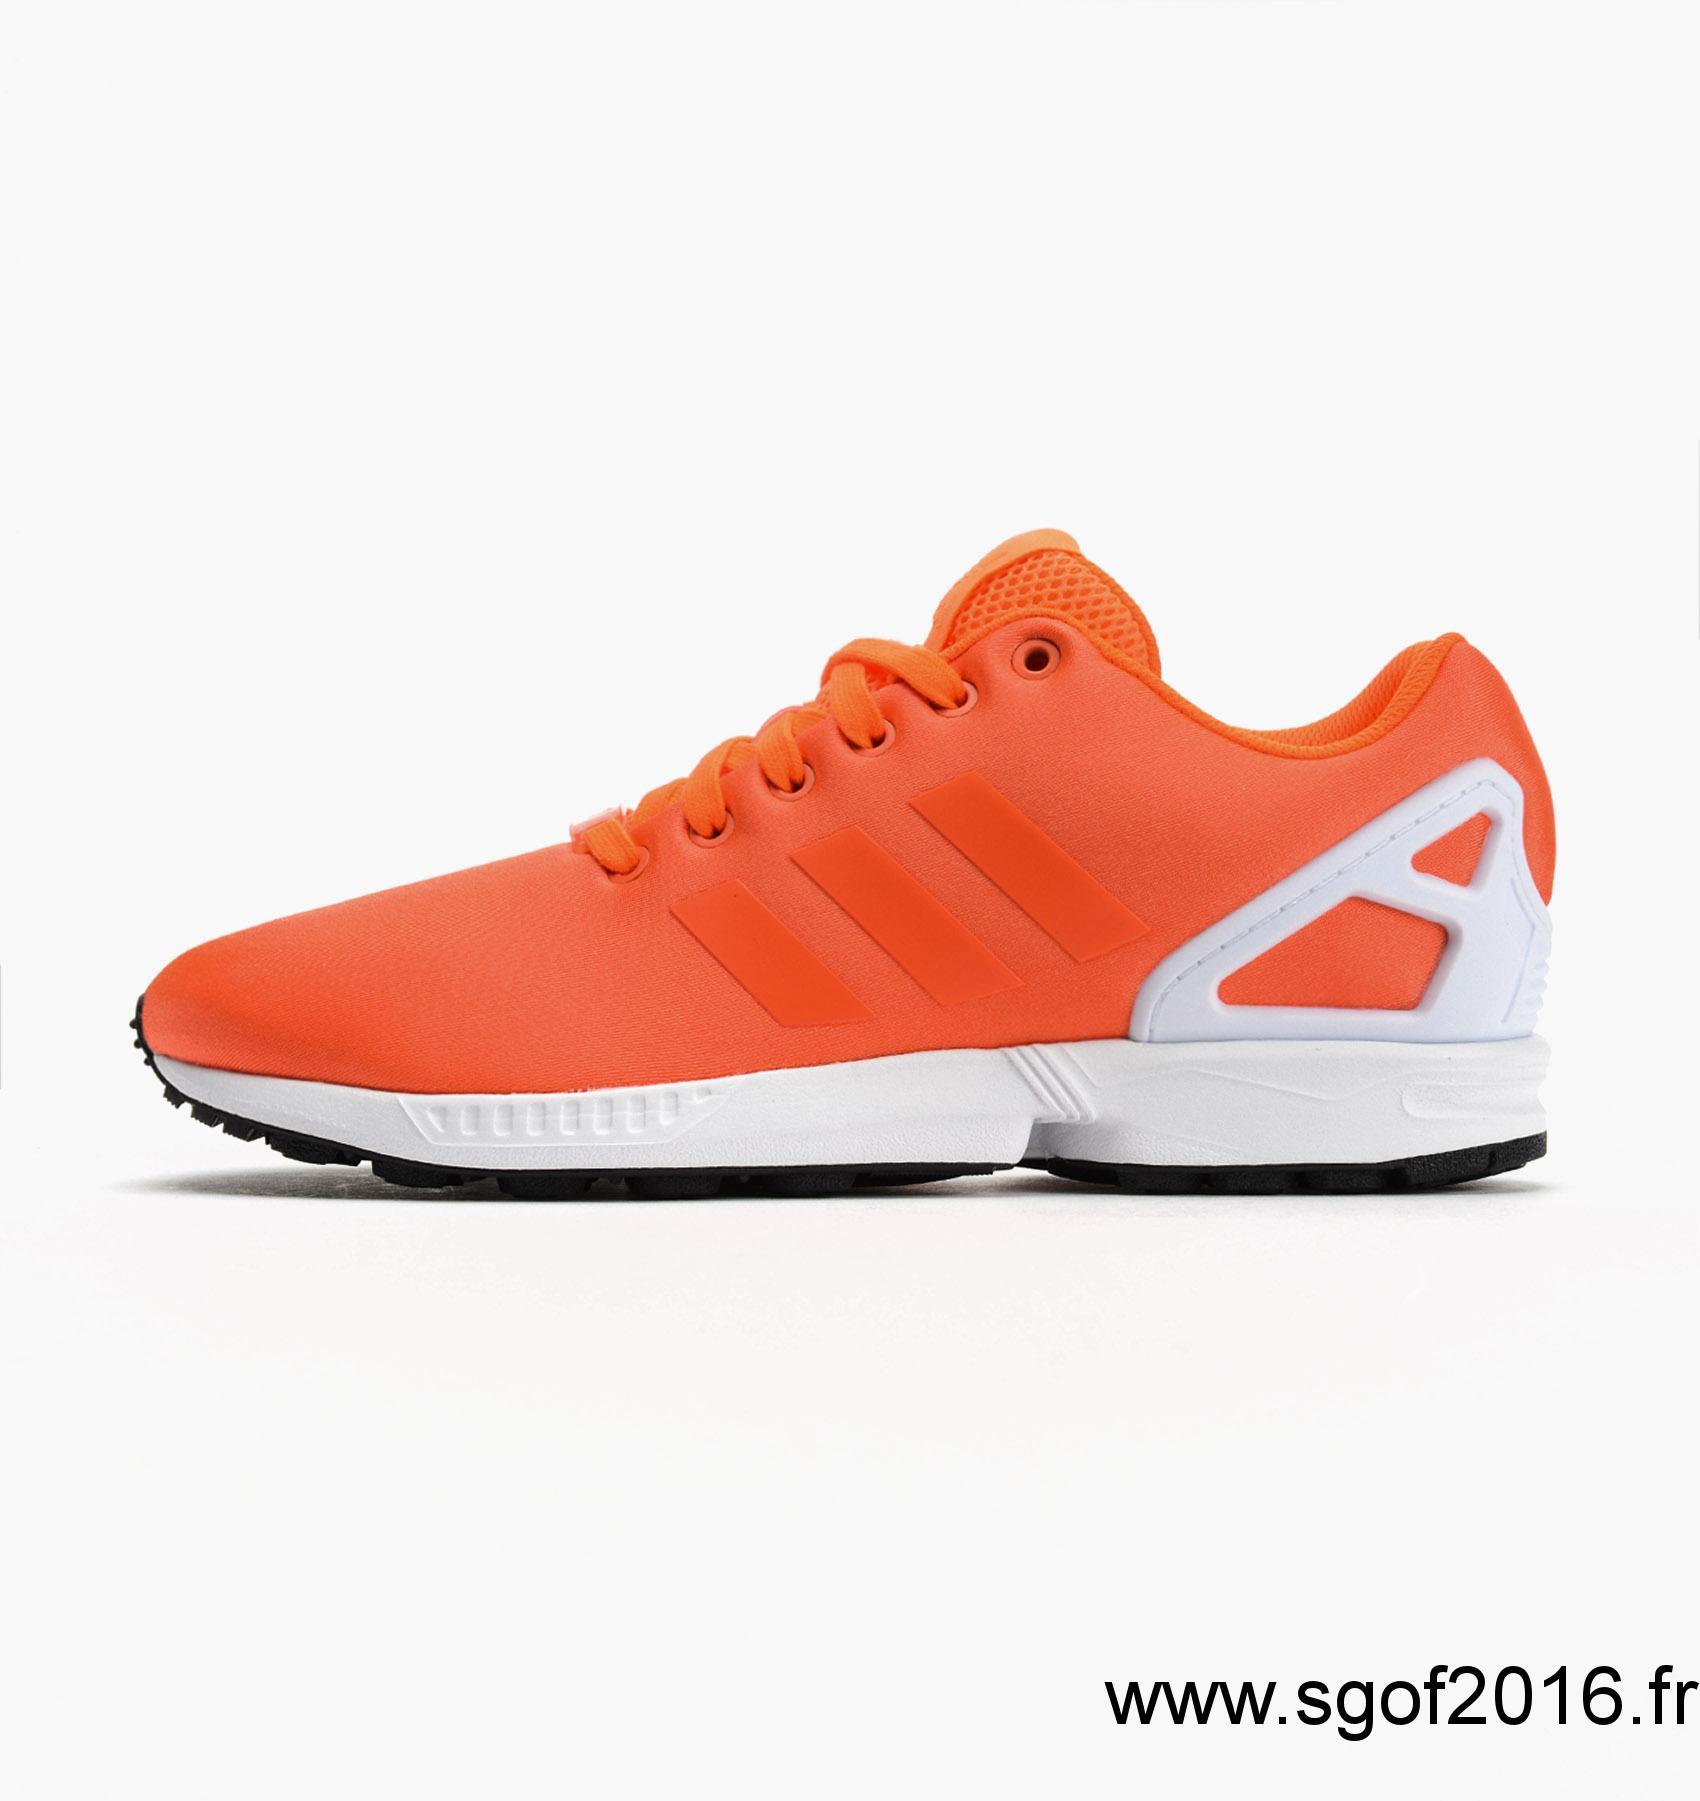 pas cher pour réduction 1fb95 d1f38 adidas zx flux taille 39